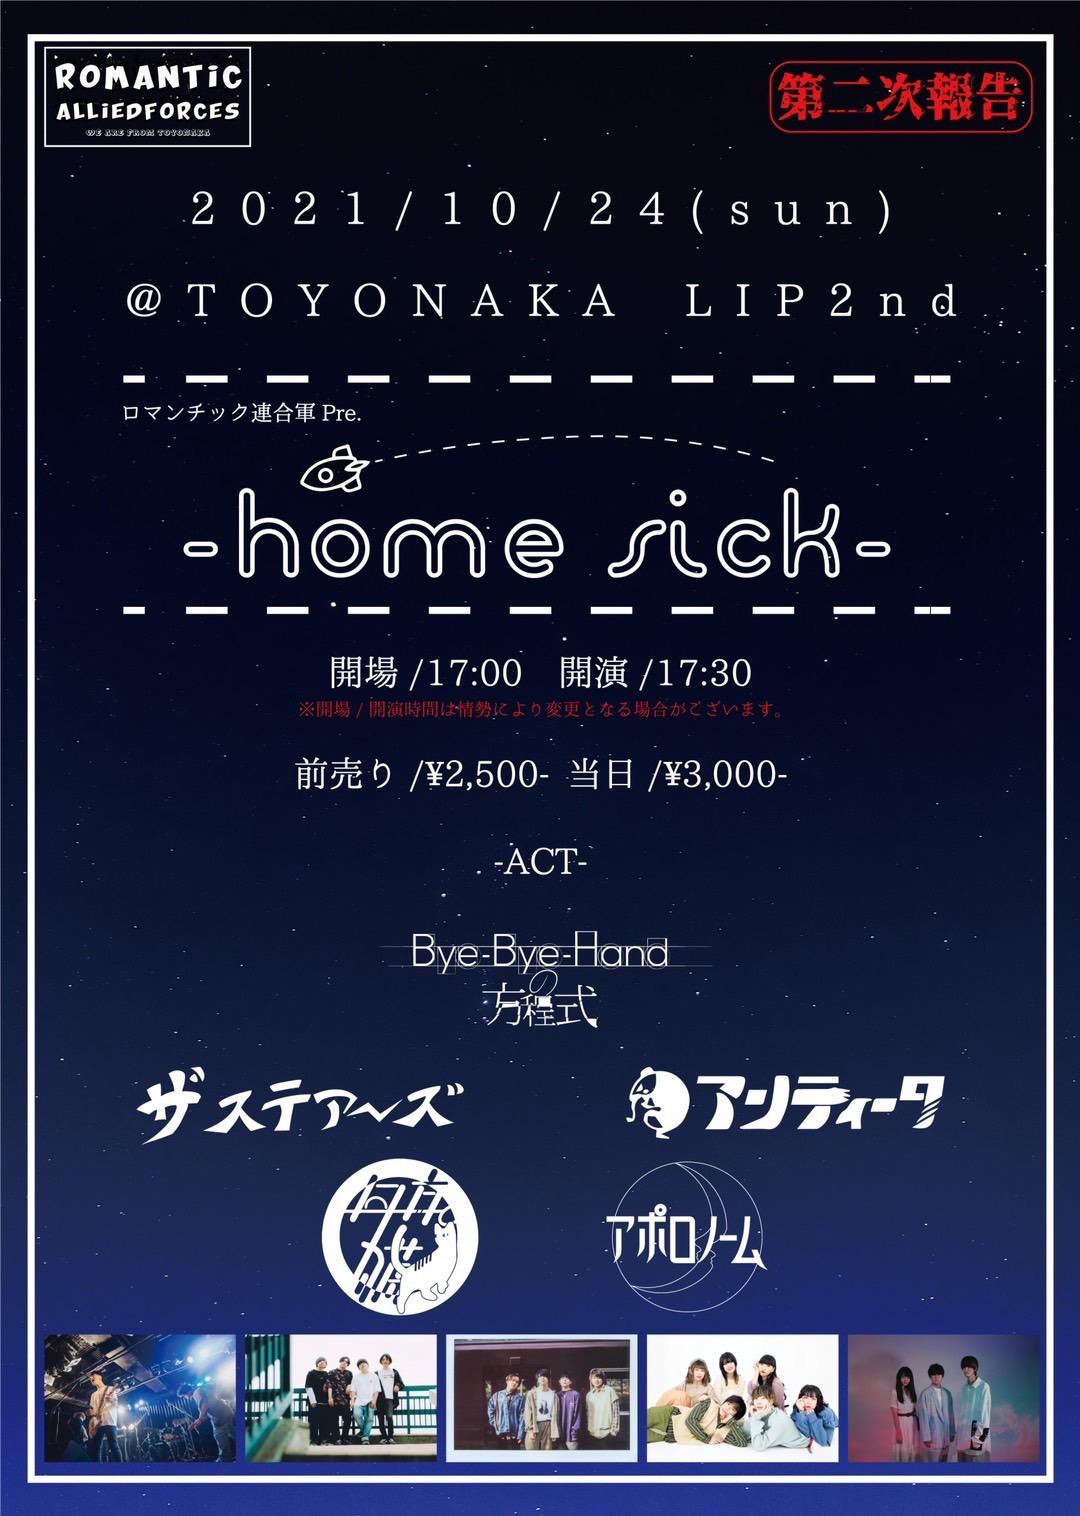 ロマンチック連合軍 presents.『-home sick-』